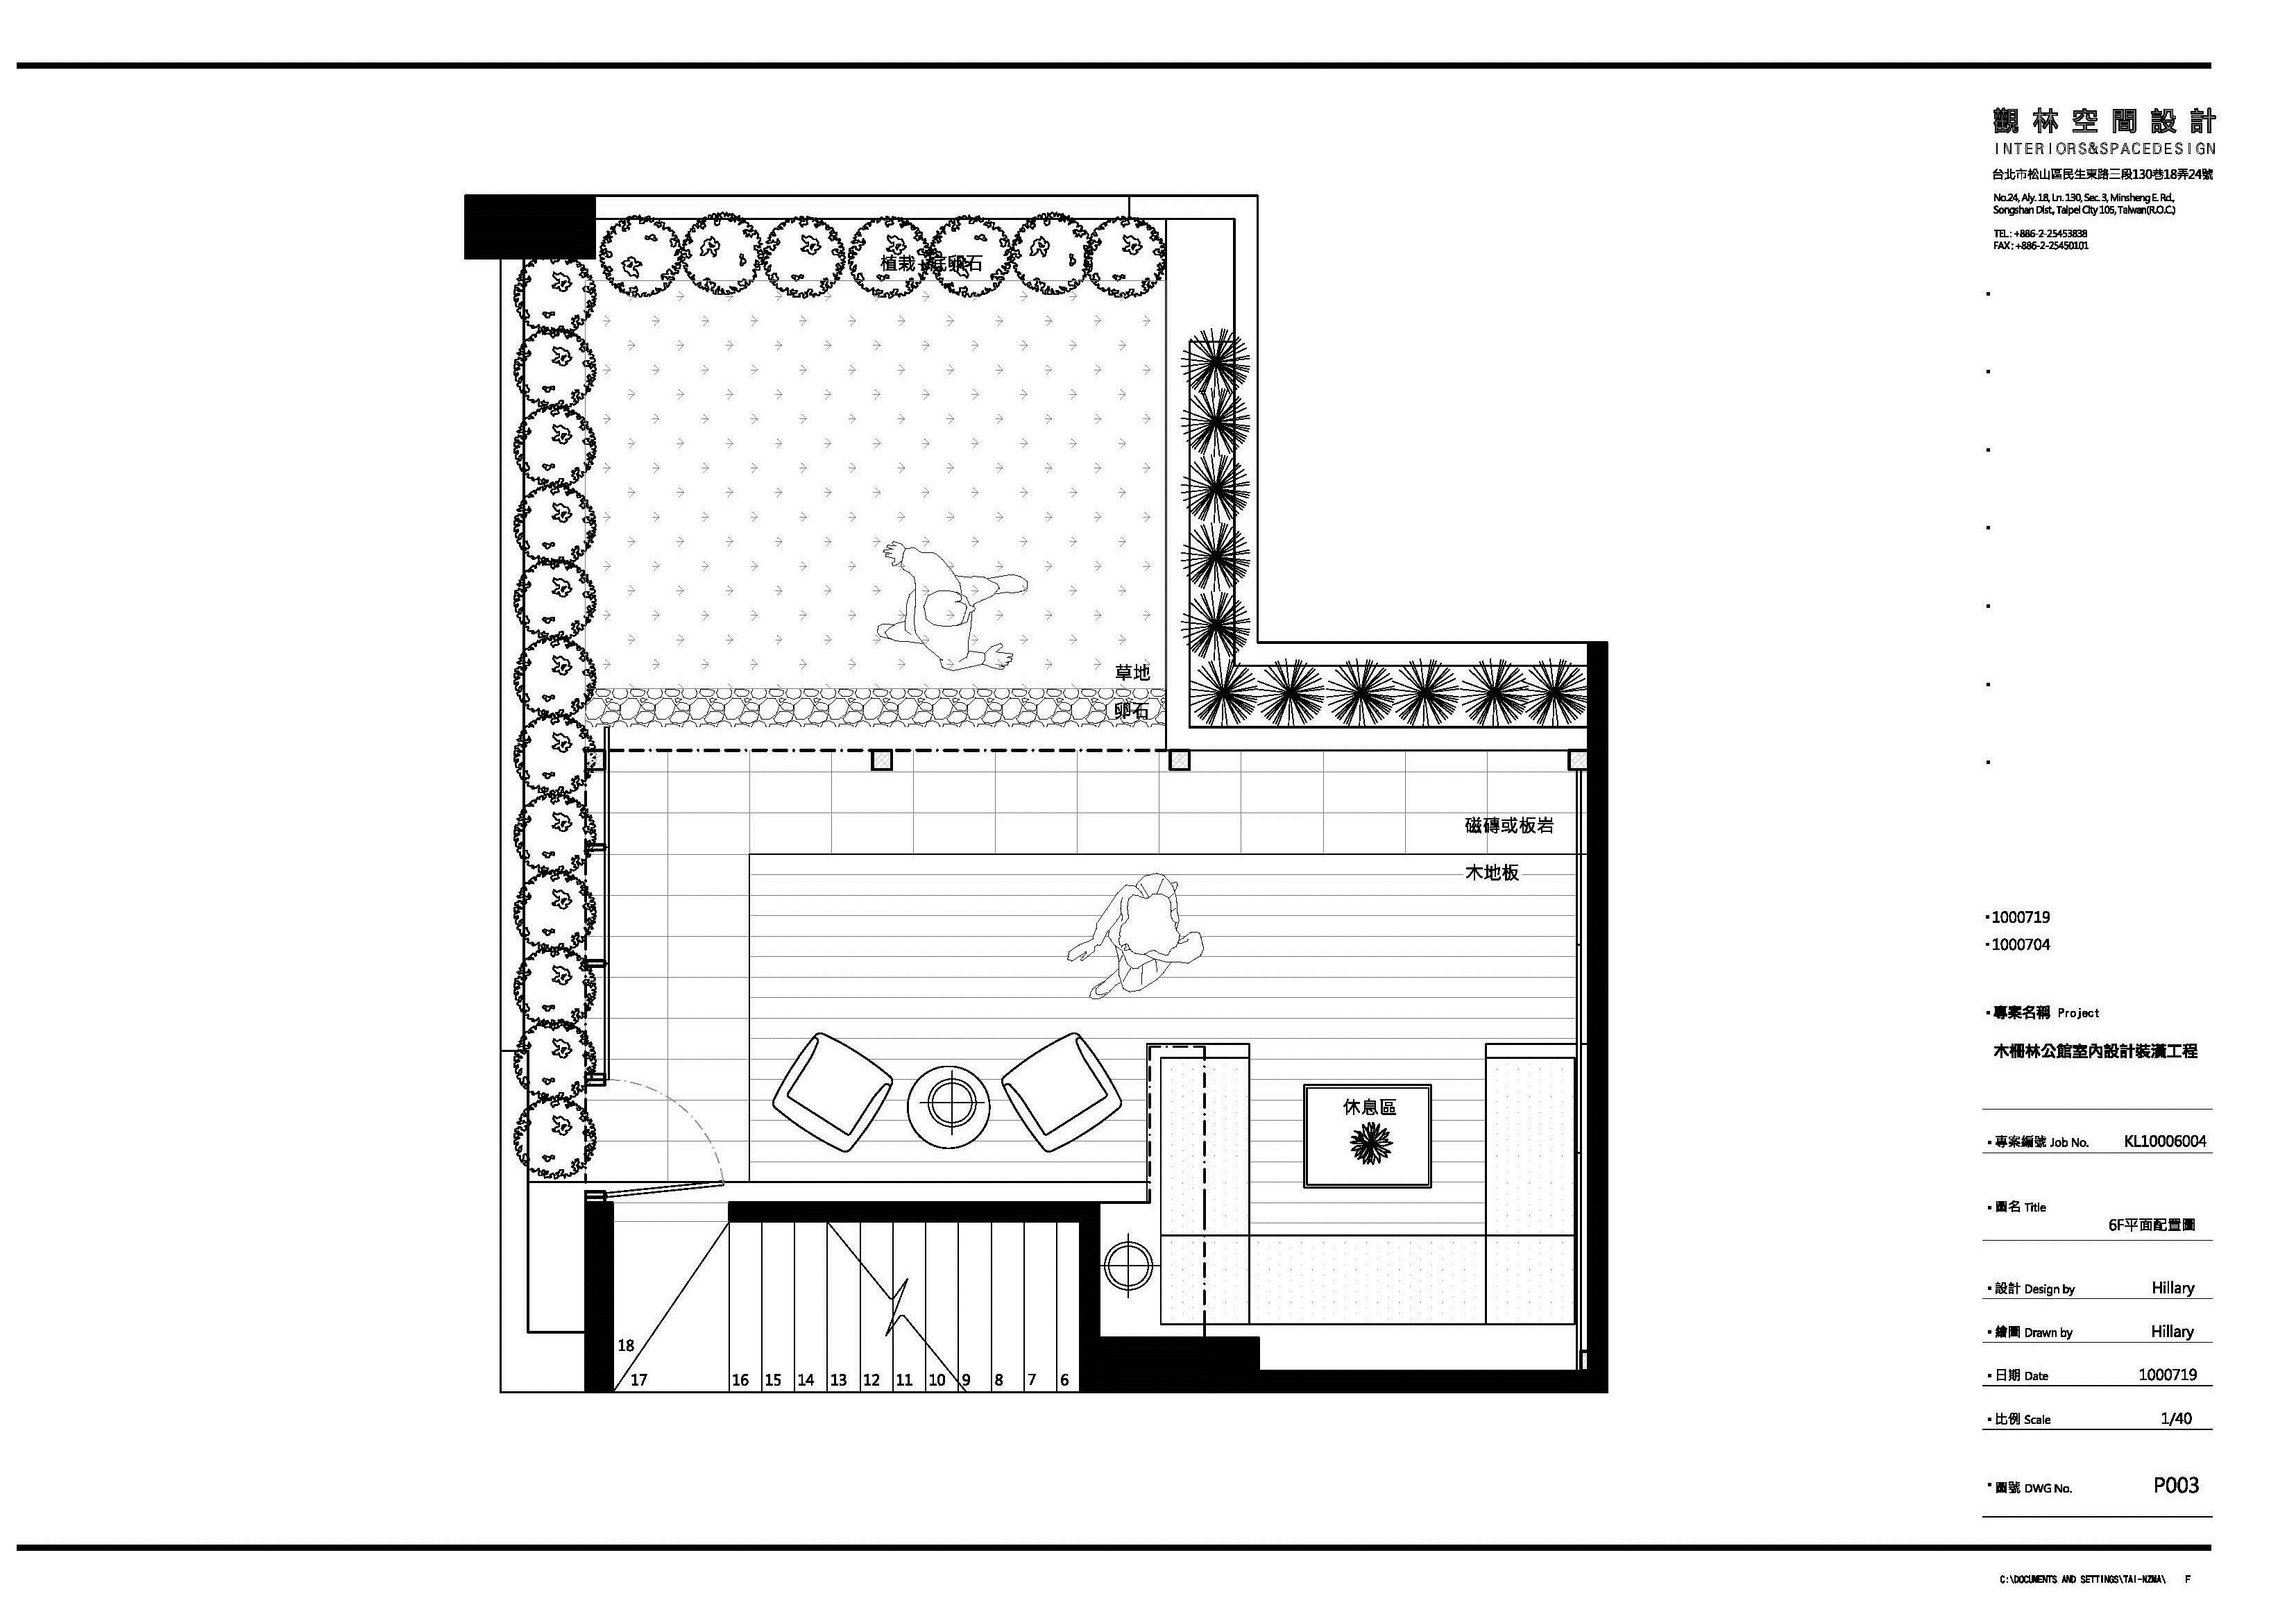 44坪新成屋(5年以下)_人文禪風案例圖片_觀林設計_觀林_21之22